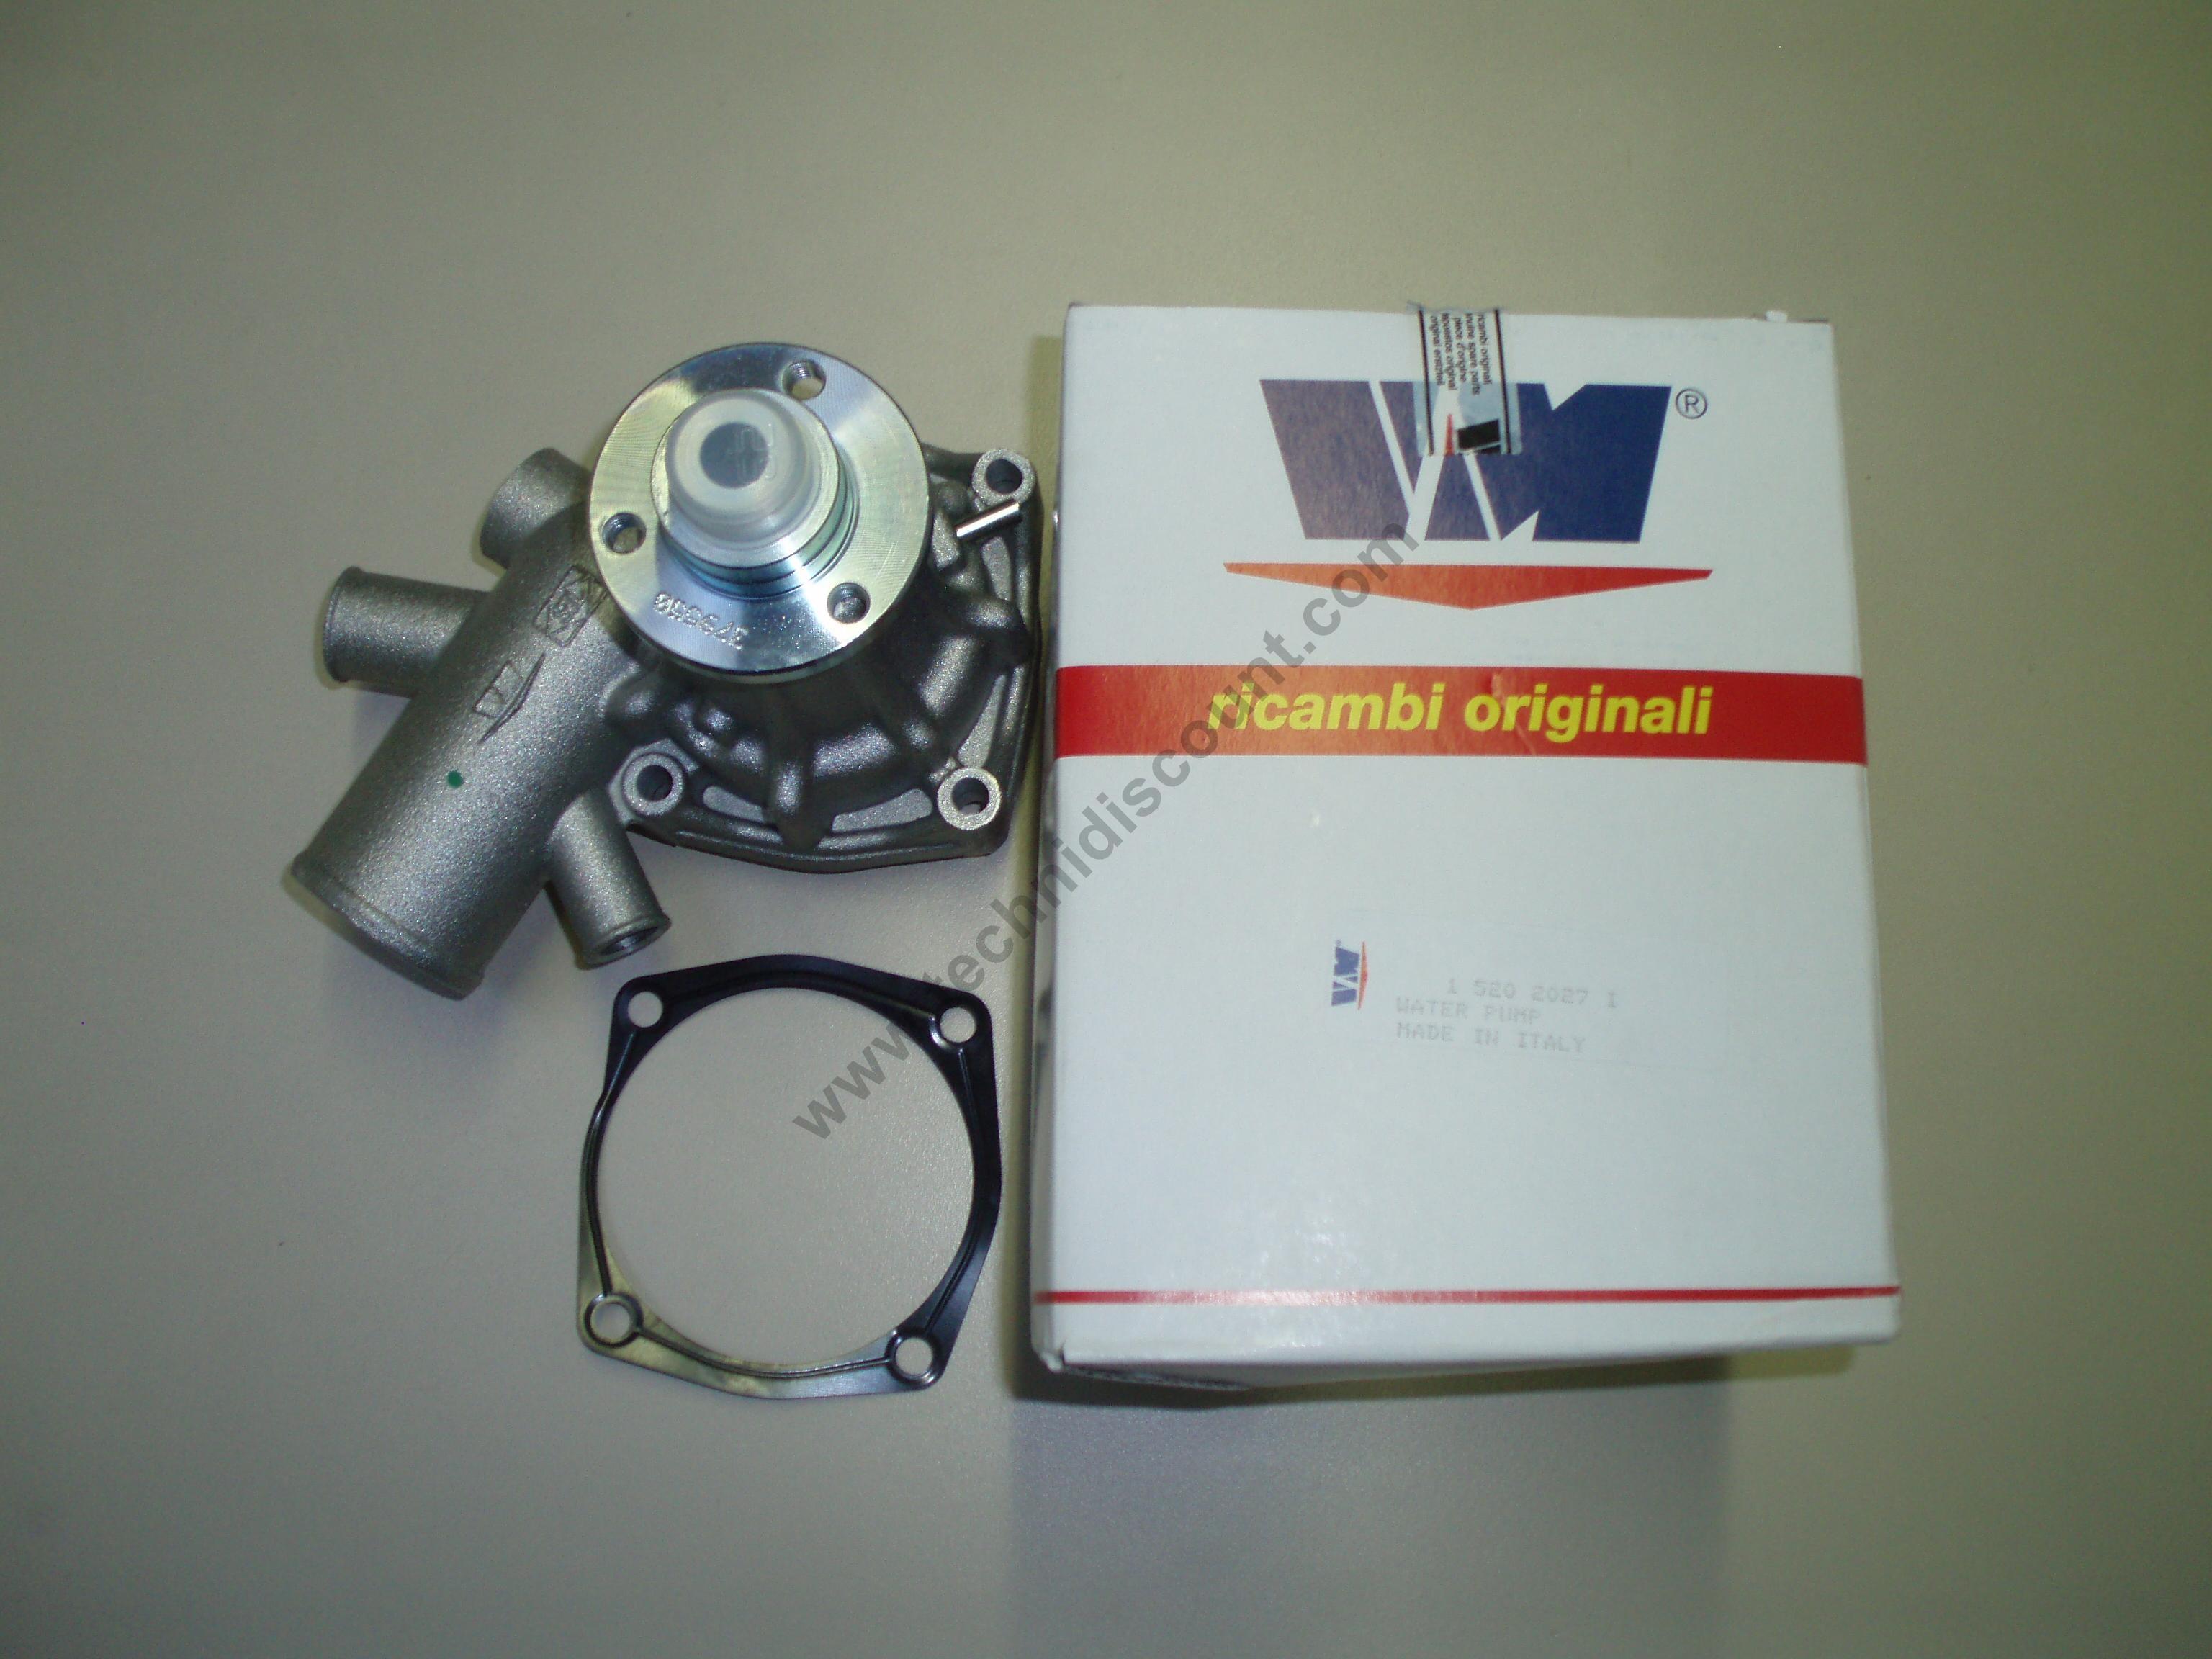 Pompe eau VM motori VM92A/3 HR394HP - HR394HPT - HR494HP - HR494HPT - HT394H - HR394HT - HR494H - HR494HT - HR694HT - D703L - D703LT - D704L - D704LT - D706LT - HR494H (Versione Goldoni) [VM 15202027] Ø48mm